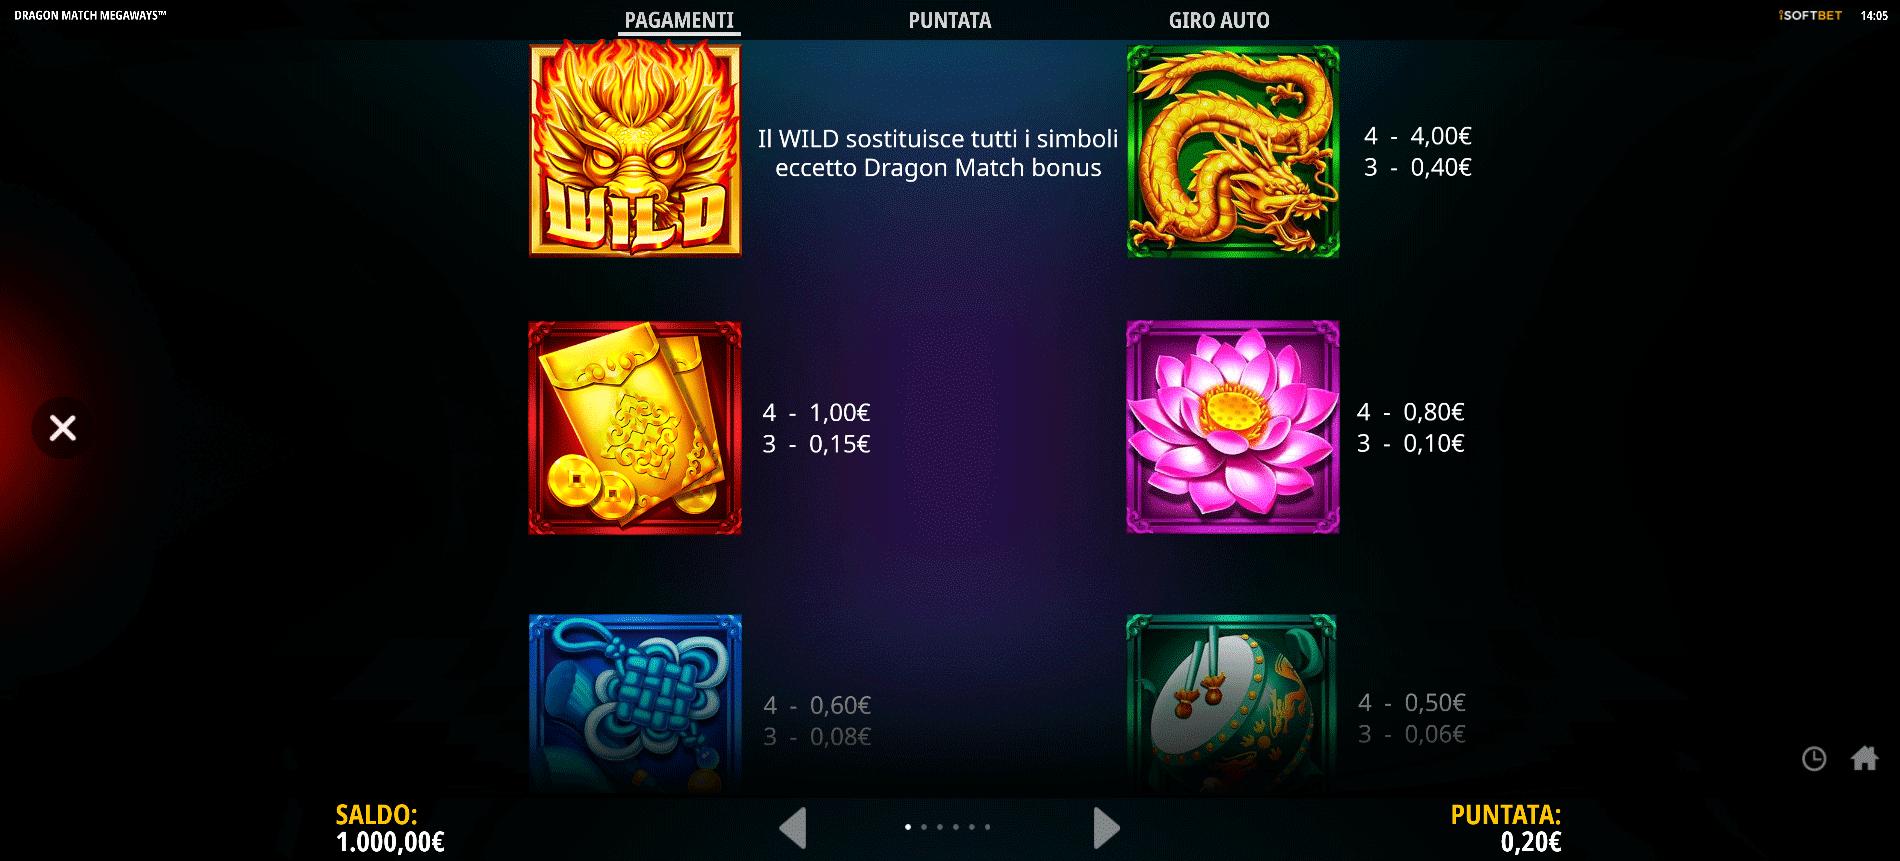 tabella dei pagamenti della slot machine dragon match megaways